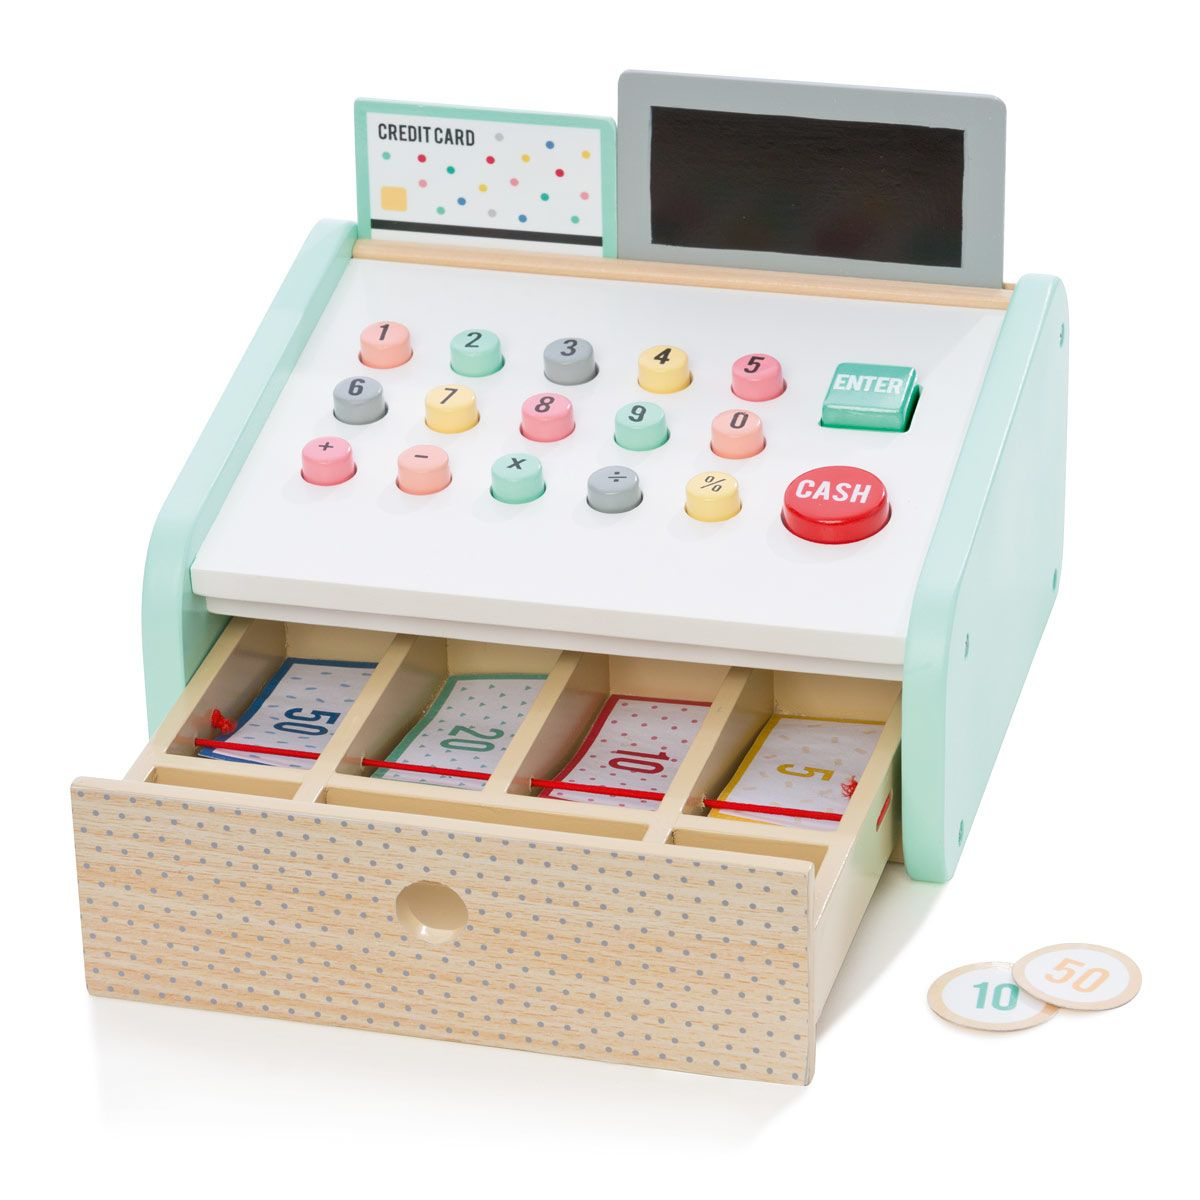 Toy Cash Register   Kmart   Playroom   Cash register, Toys